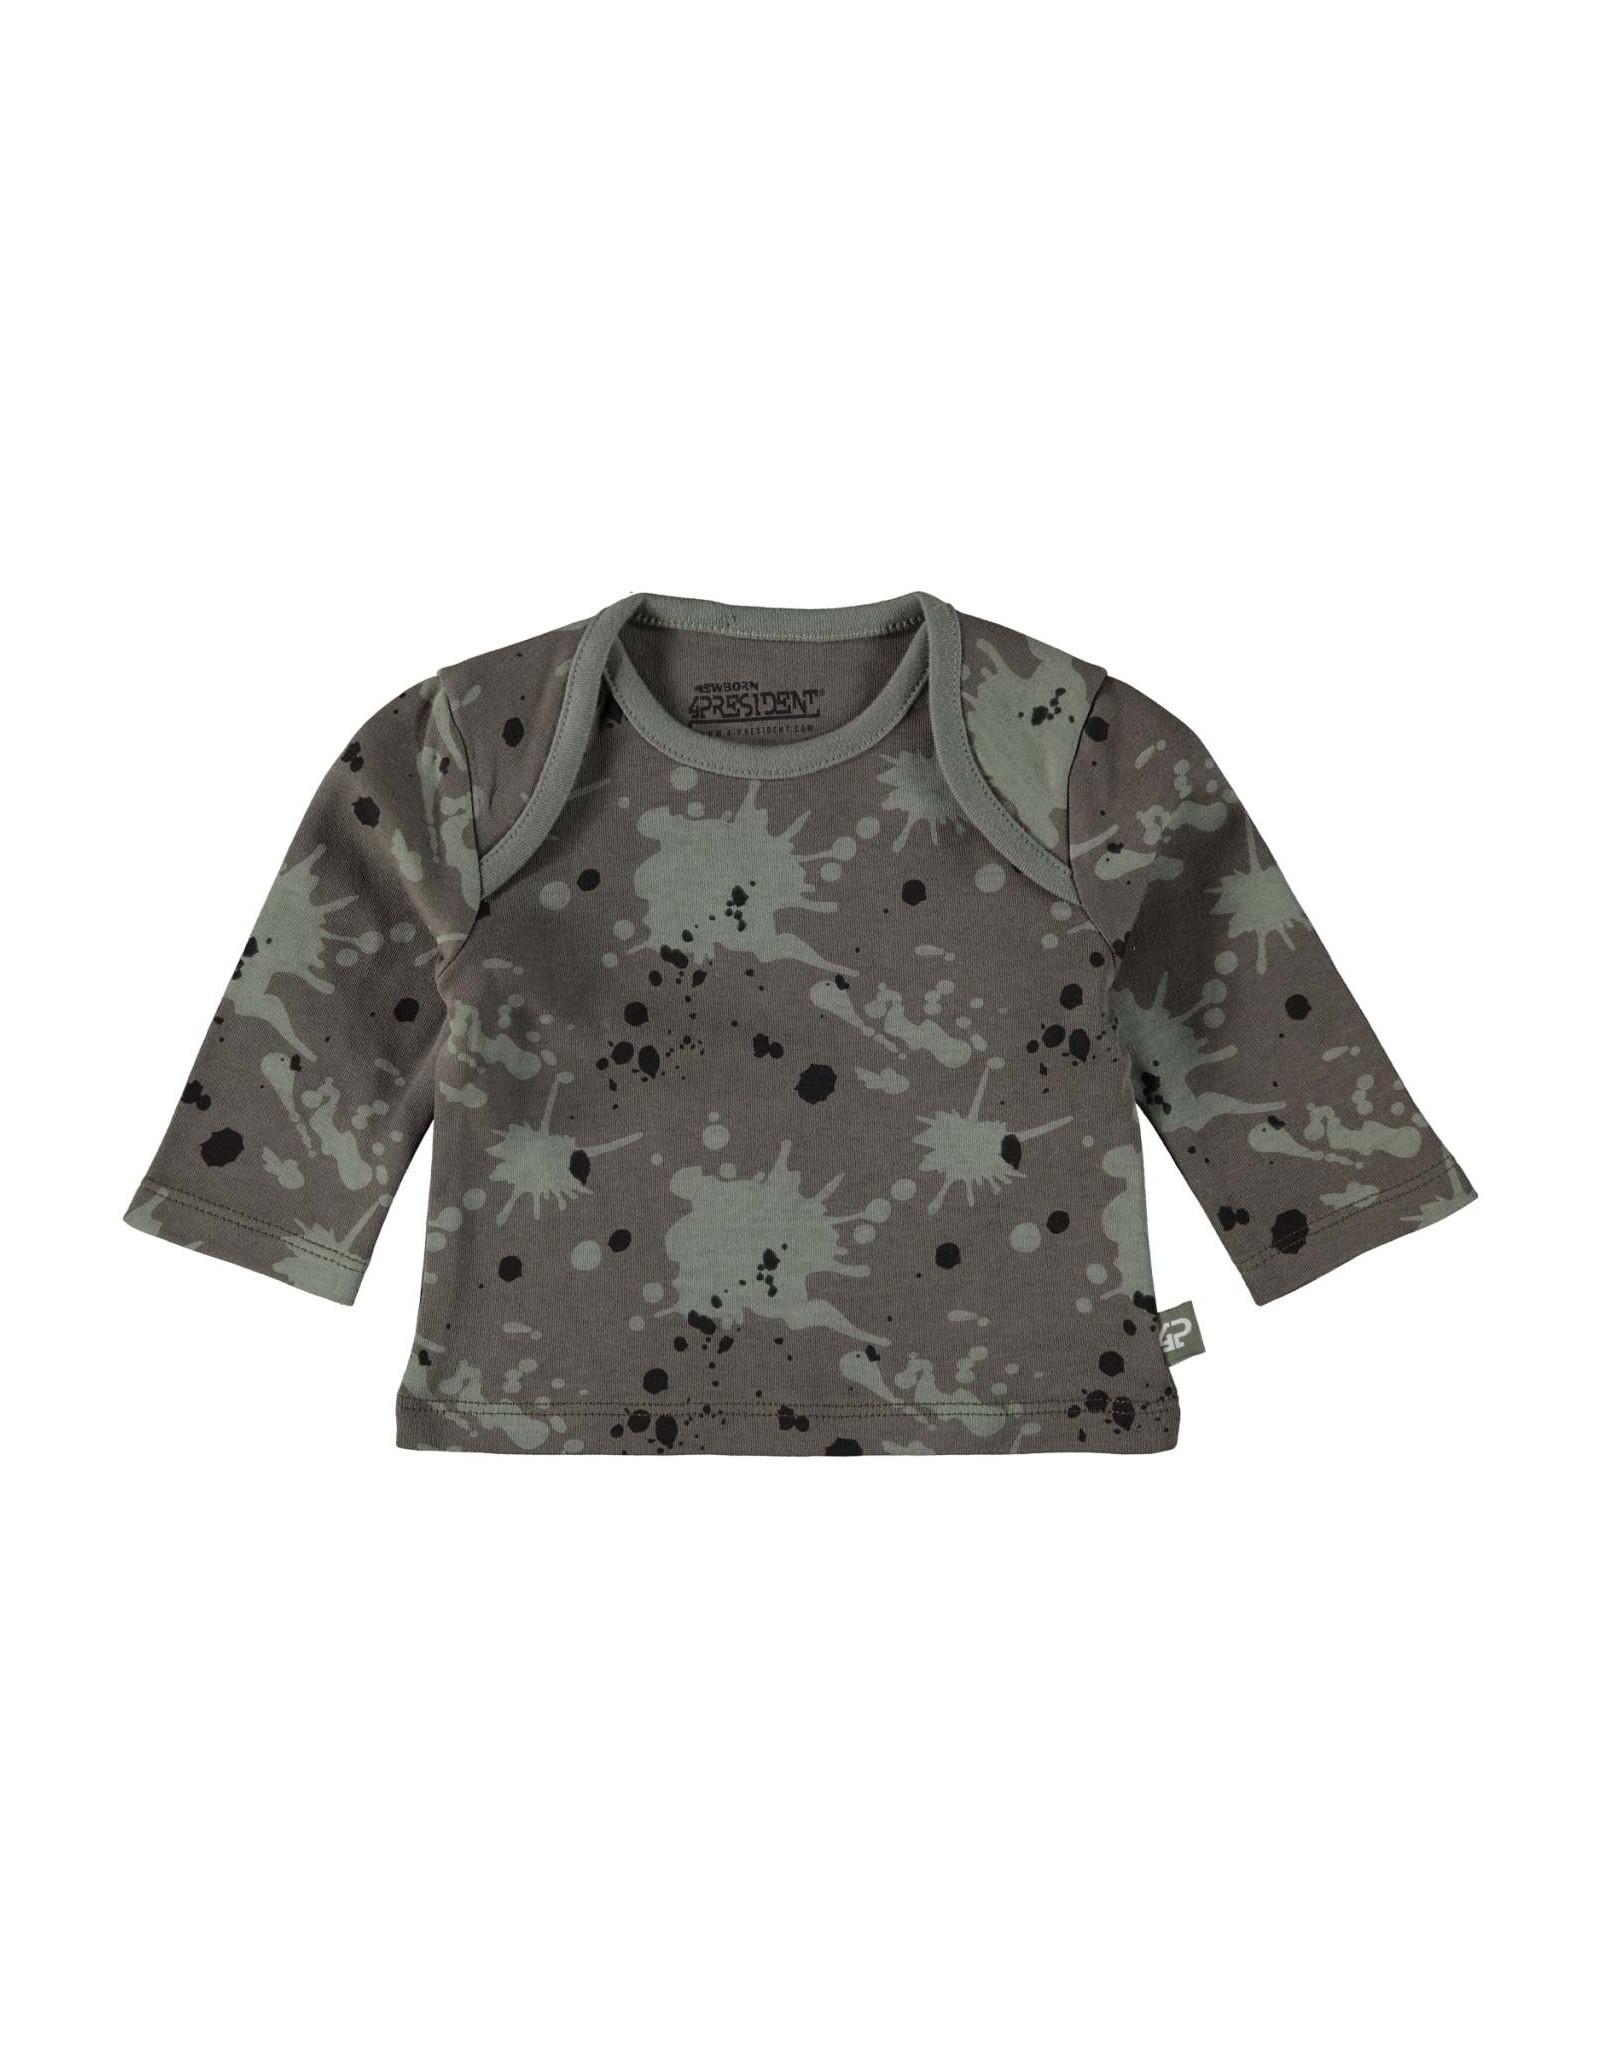 4President 4President newborn baby jongens shirt Amund Splatter